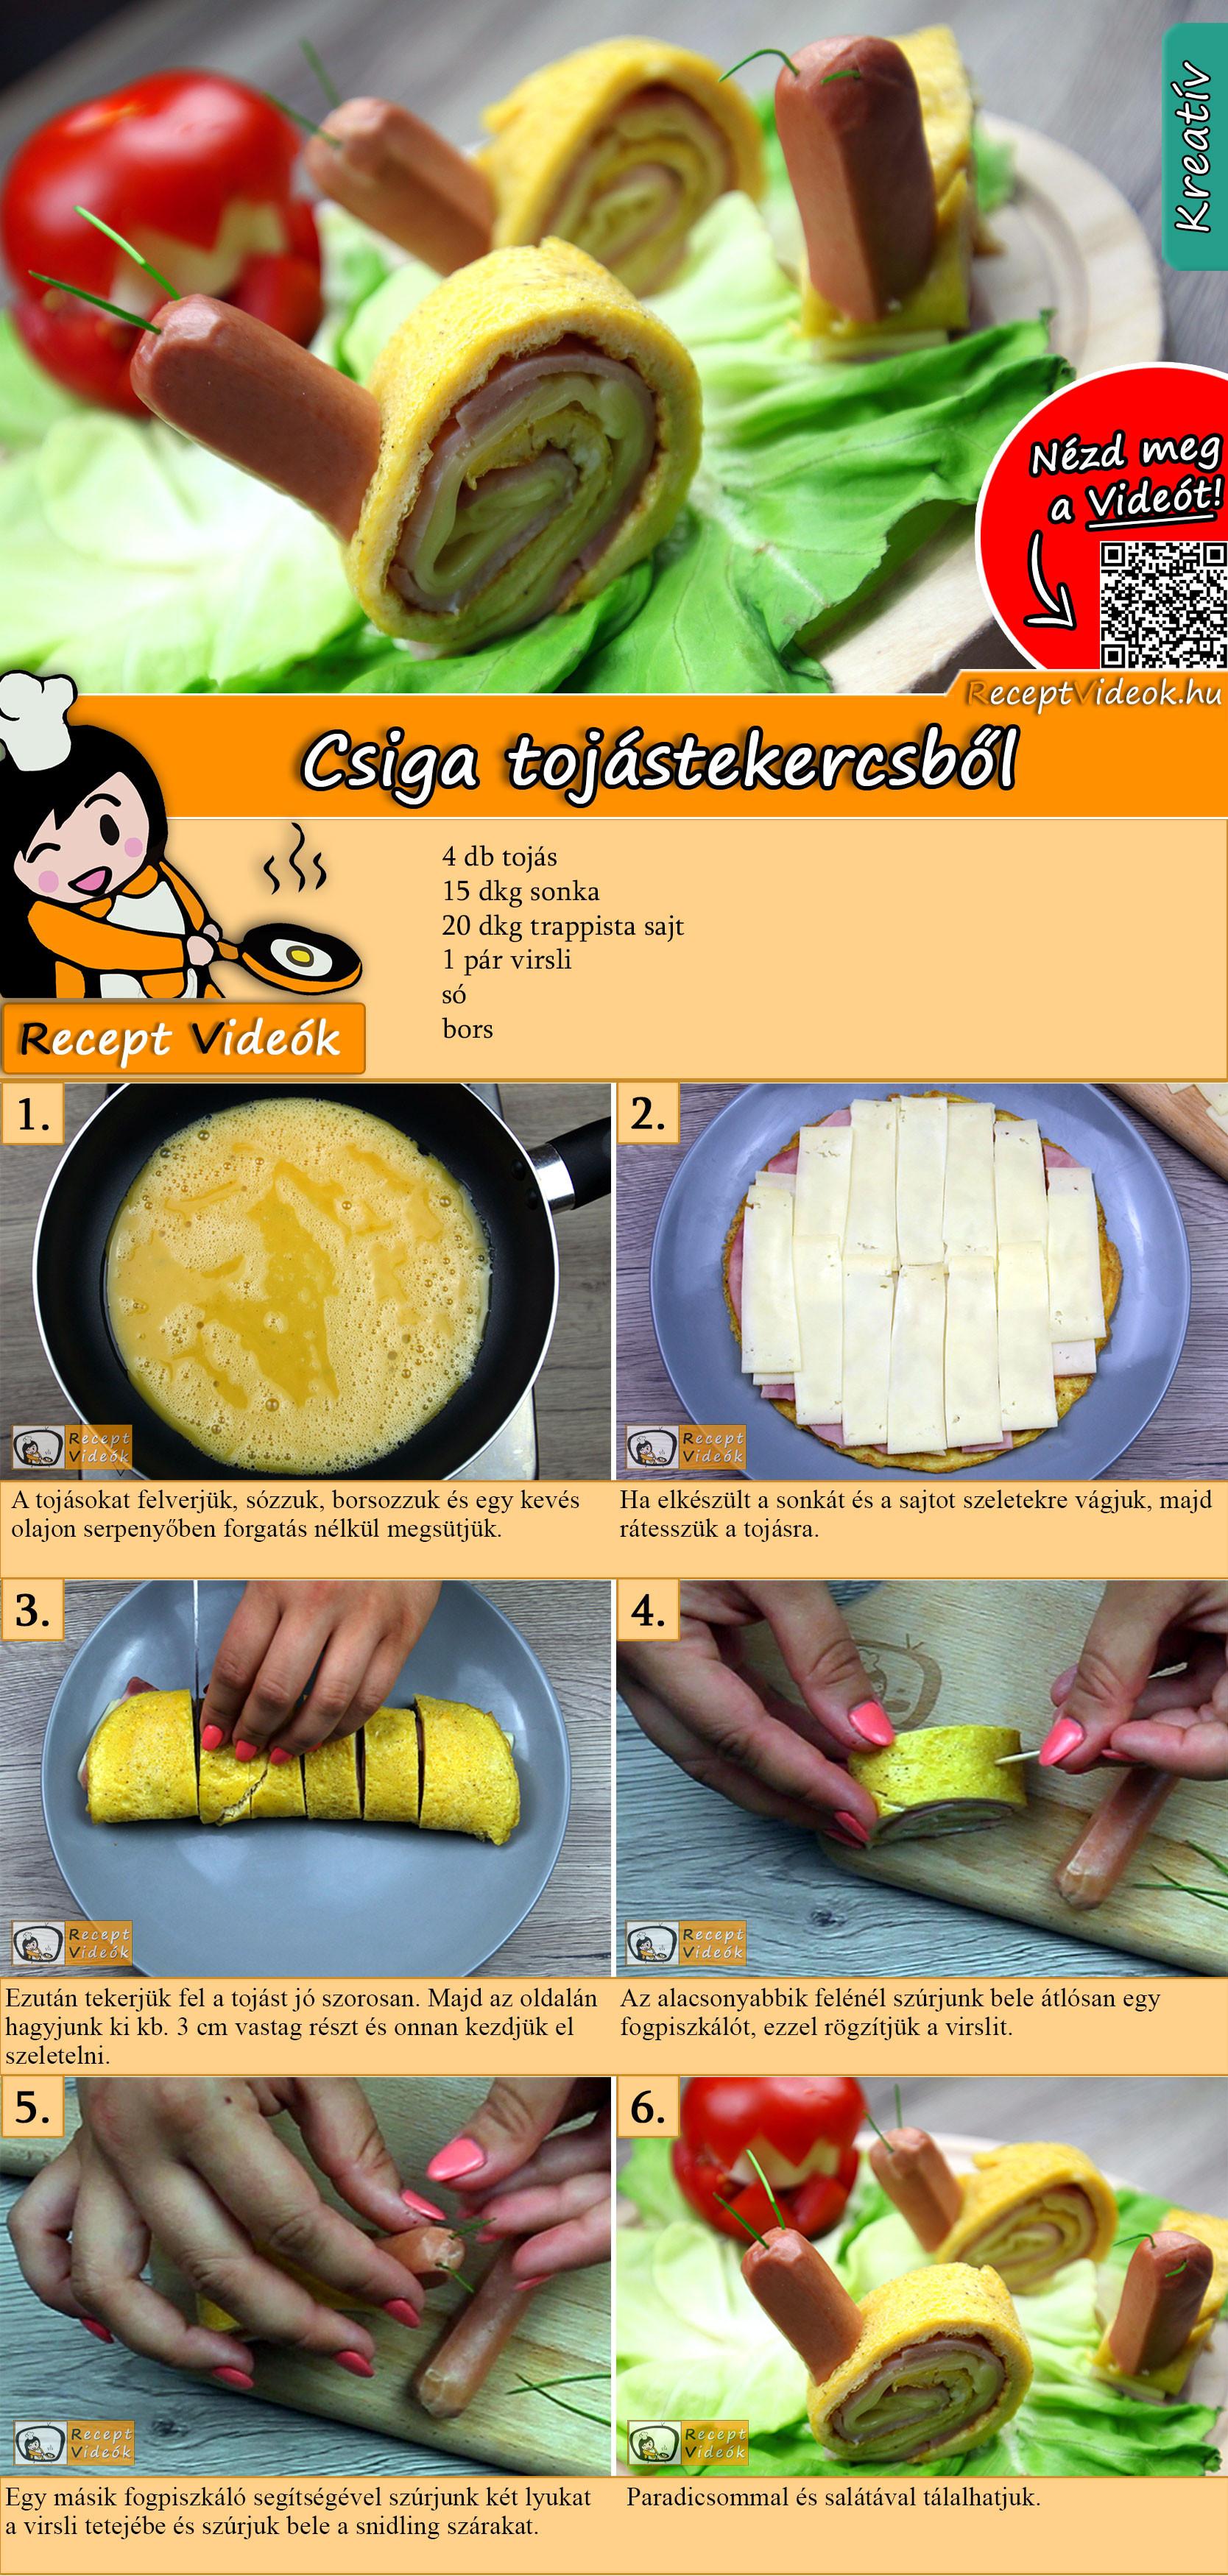 Csiga tojástekercsből recept elkészítése videóval